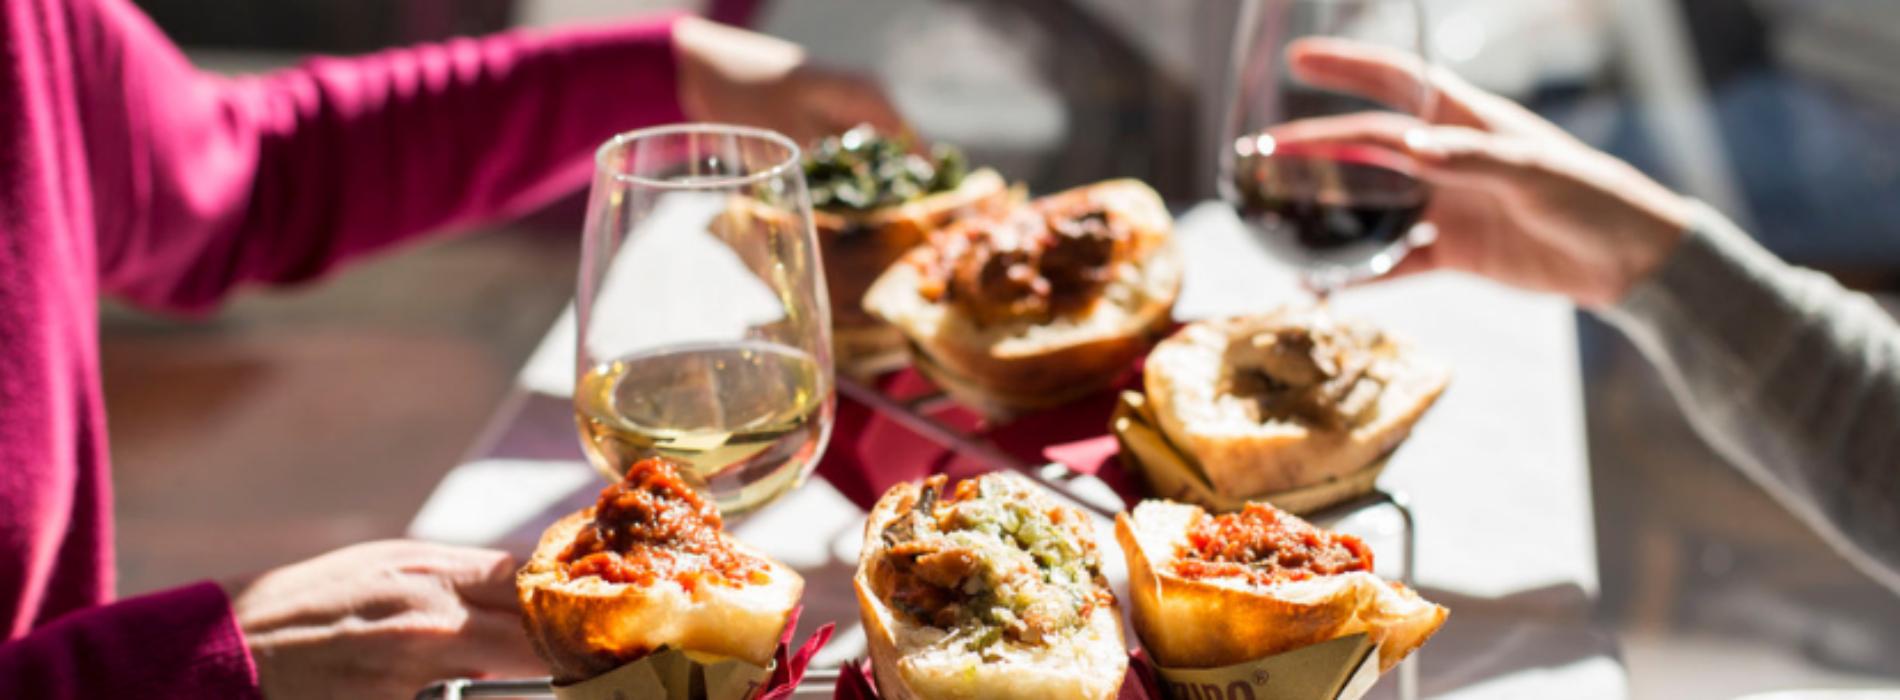 Eventi food Roma dicembre 2019, cene speciali aperitivi e degustazioni del mese